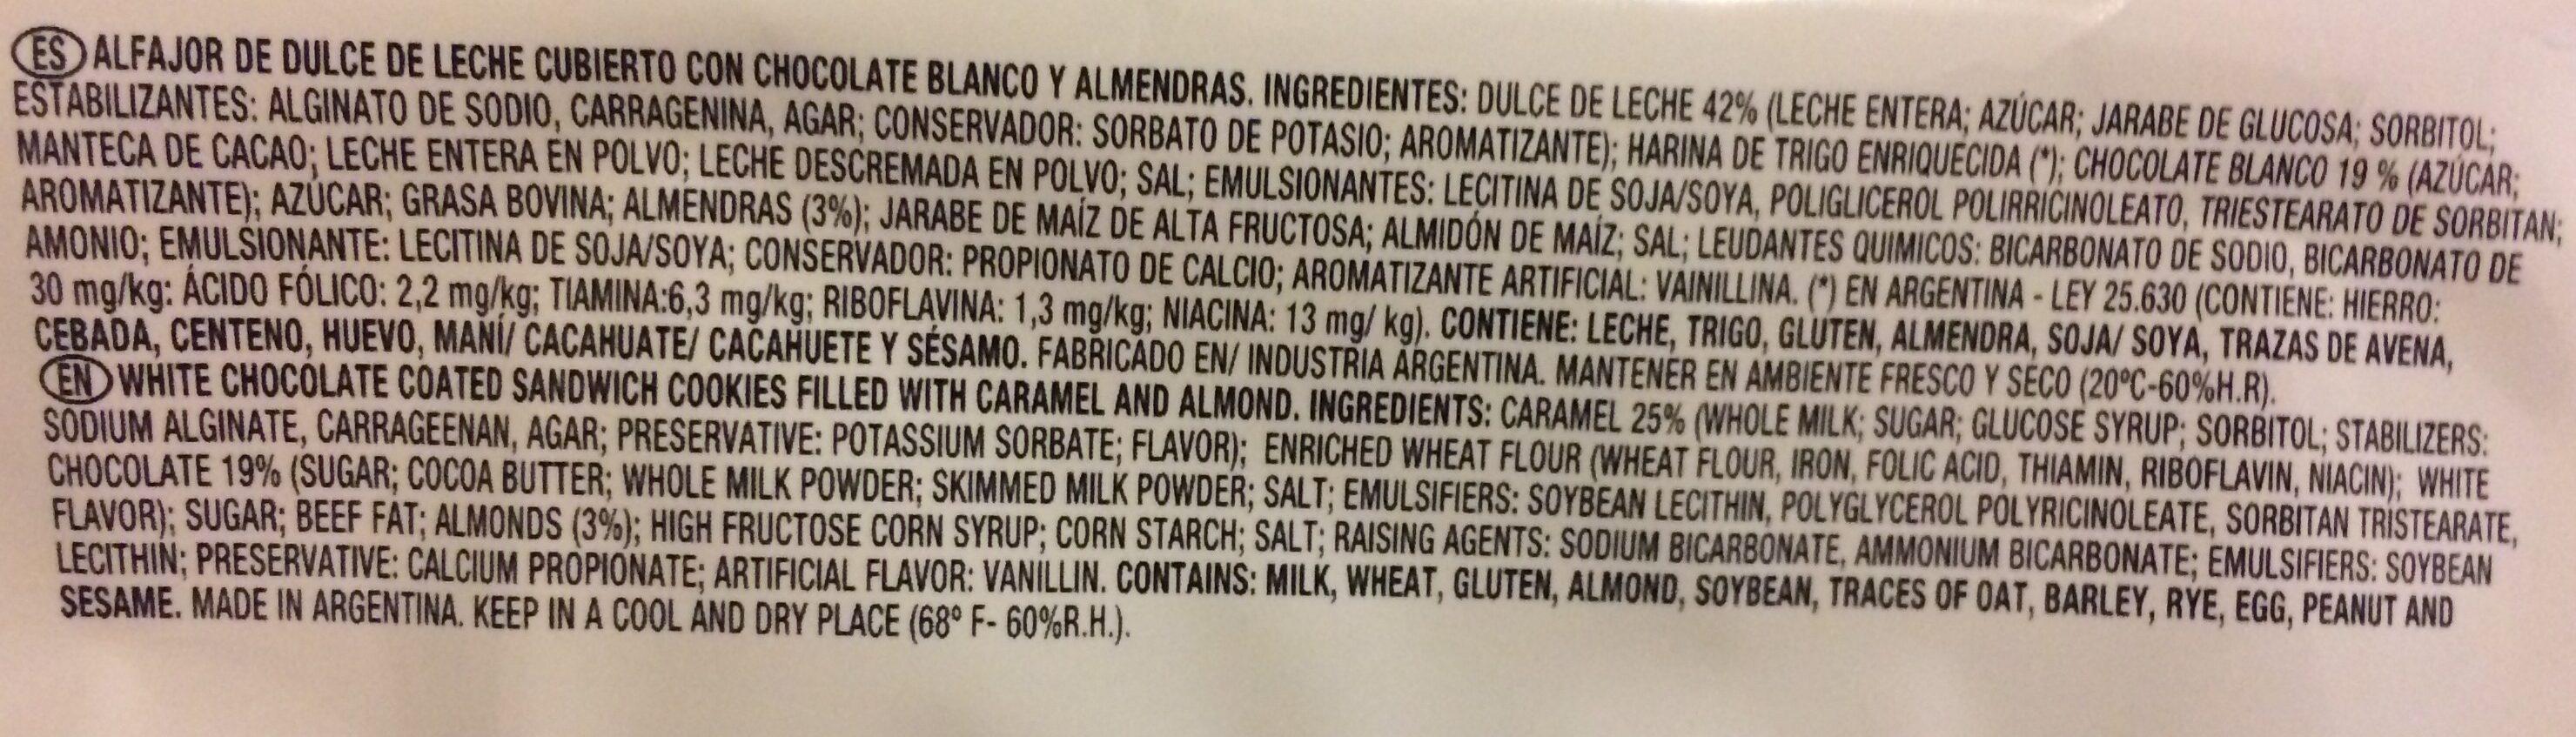 Alfajor Cholate Blanco y Almendr Bagley - Ingrédients - en